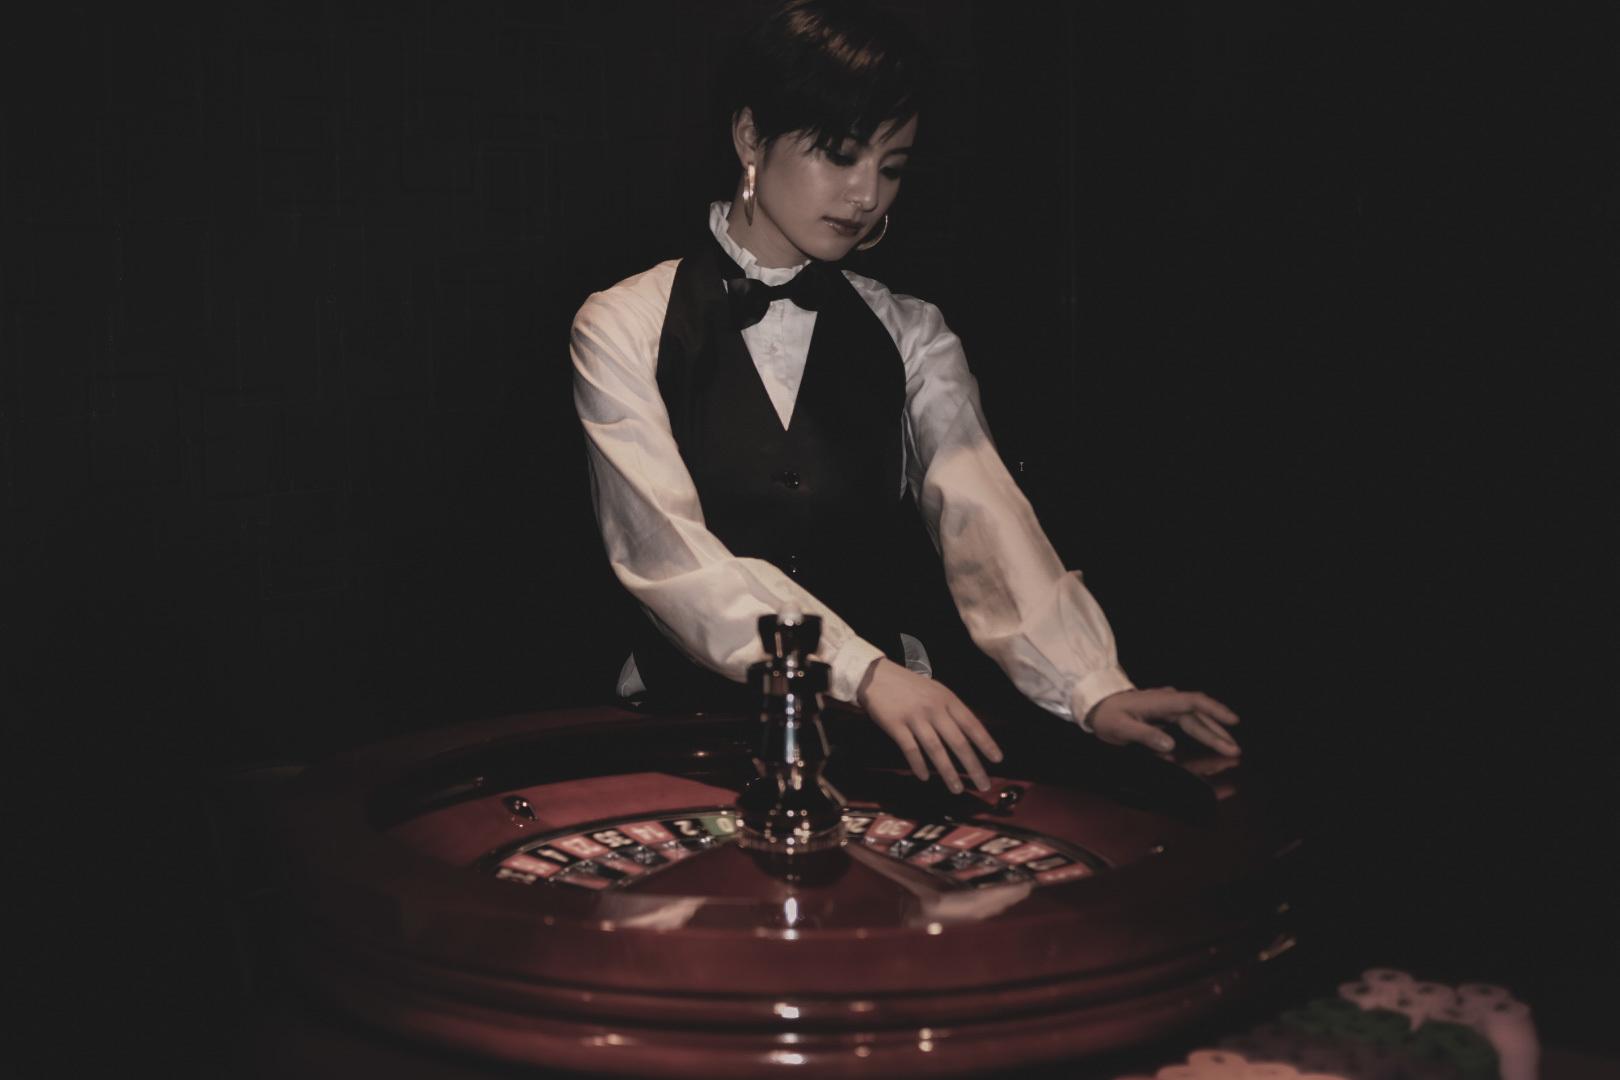 カジノでのゲームはスマホを通してリアルタイムで勝負が可能。ディーラーに直接メッセージを送ることも可能だ。